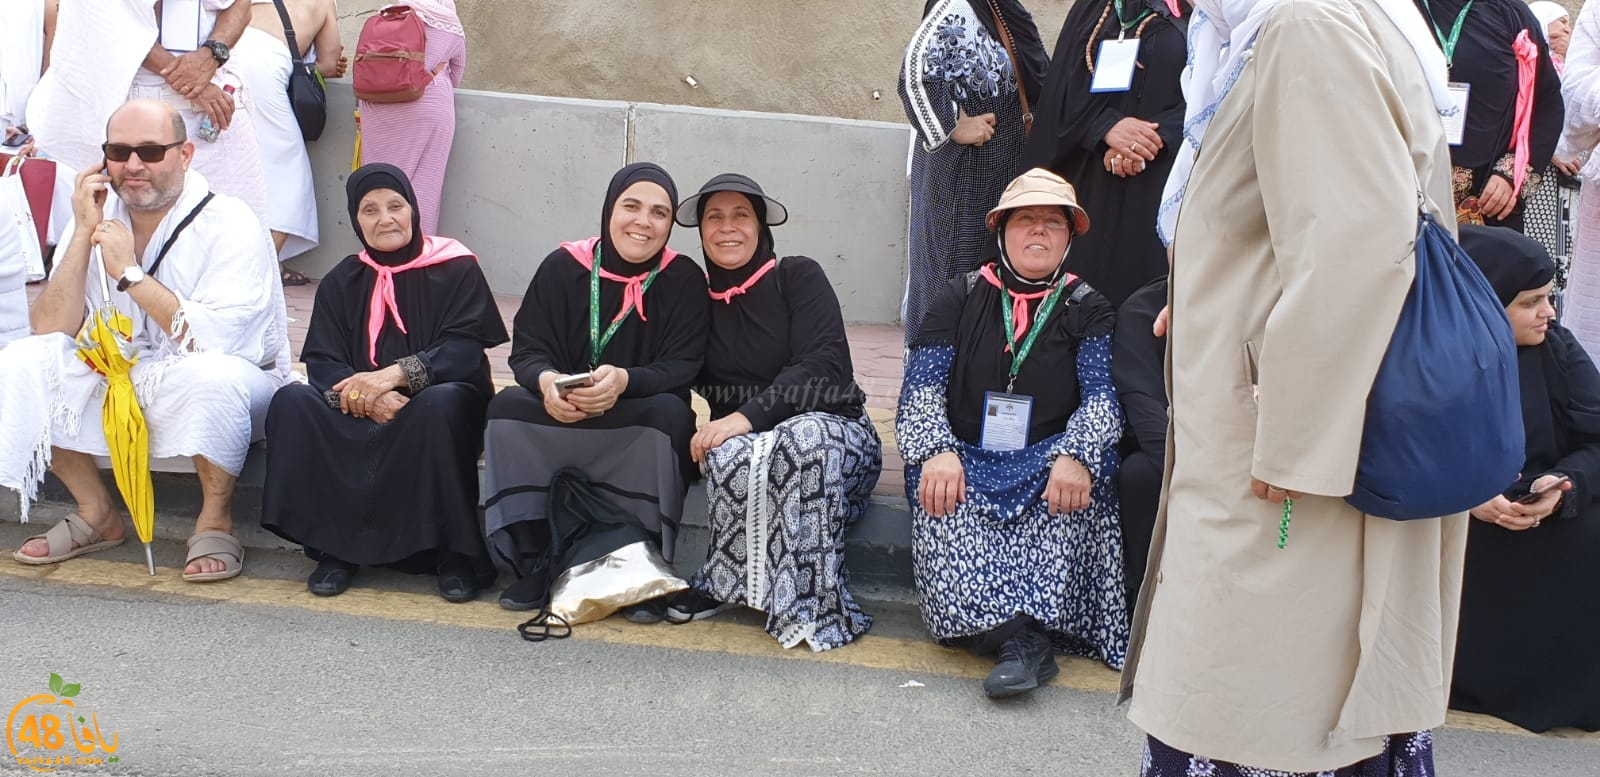 صور لحجاج مدينة يافا خلال تواجدهم في منى